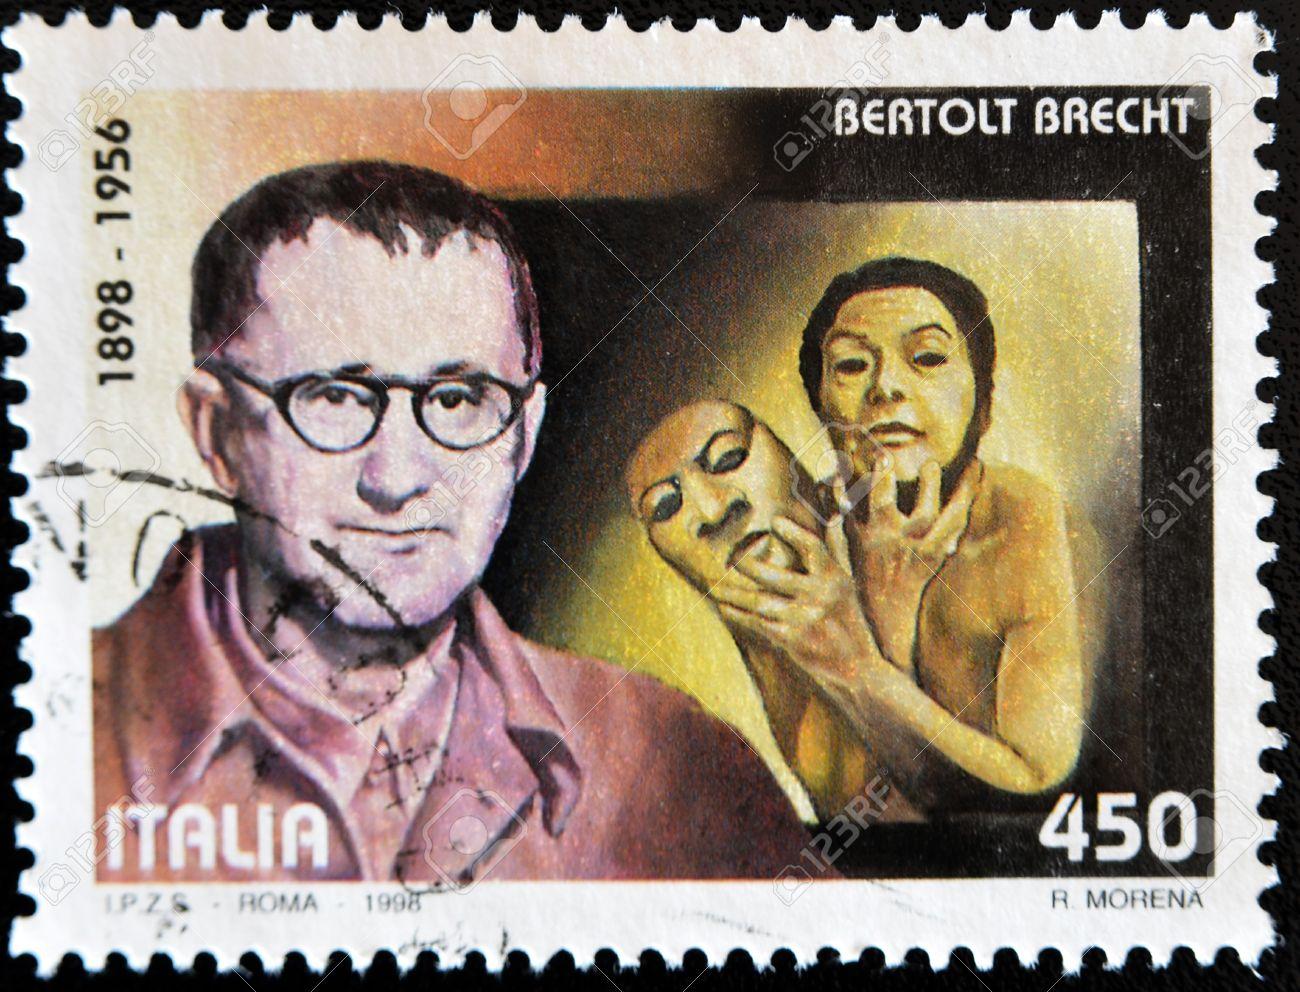 Brecht_francobollo_4